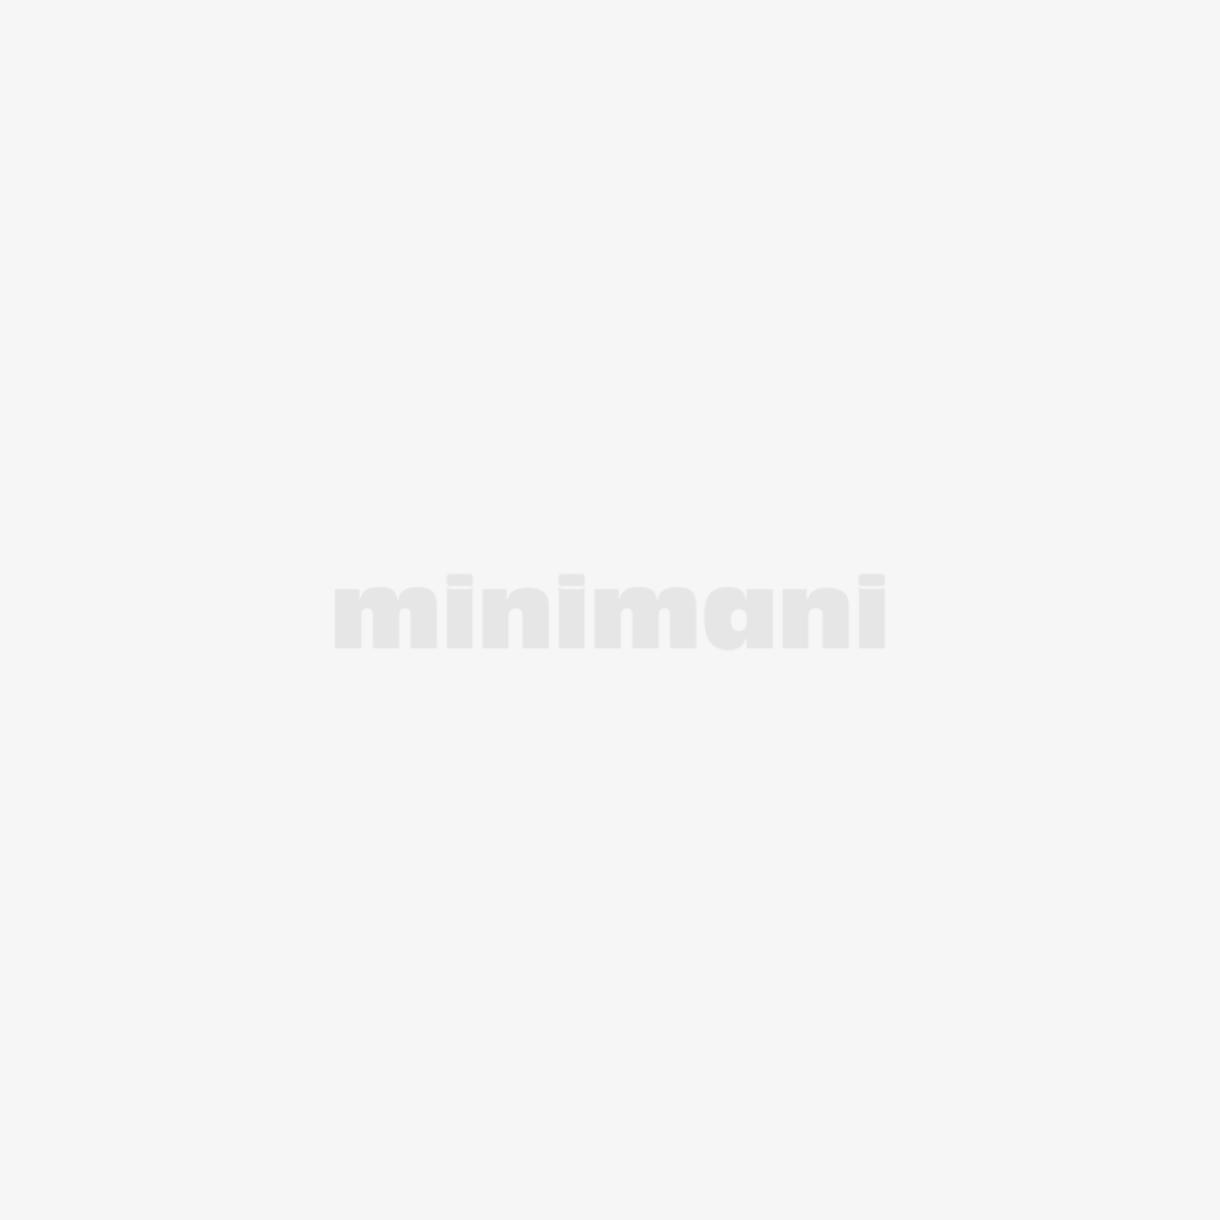 MOONHAMMOCK DOUBLE SINI-PINKKI